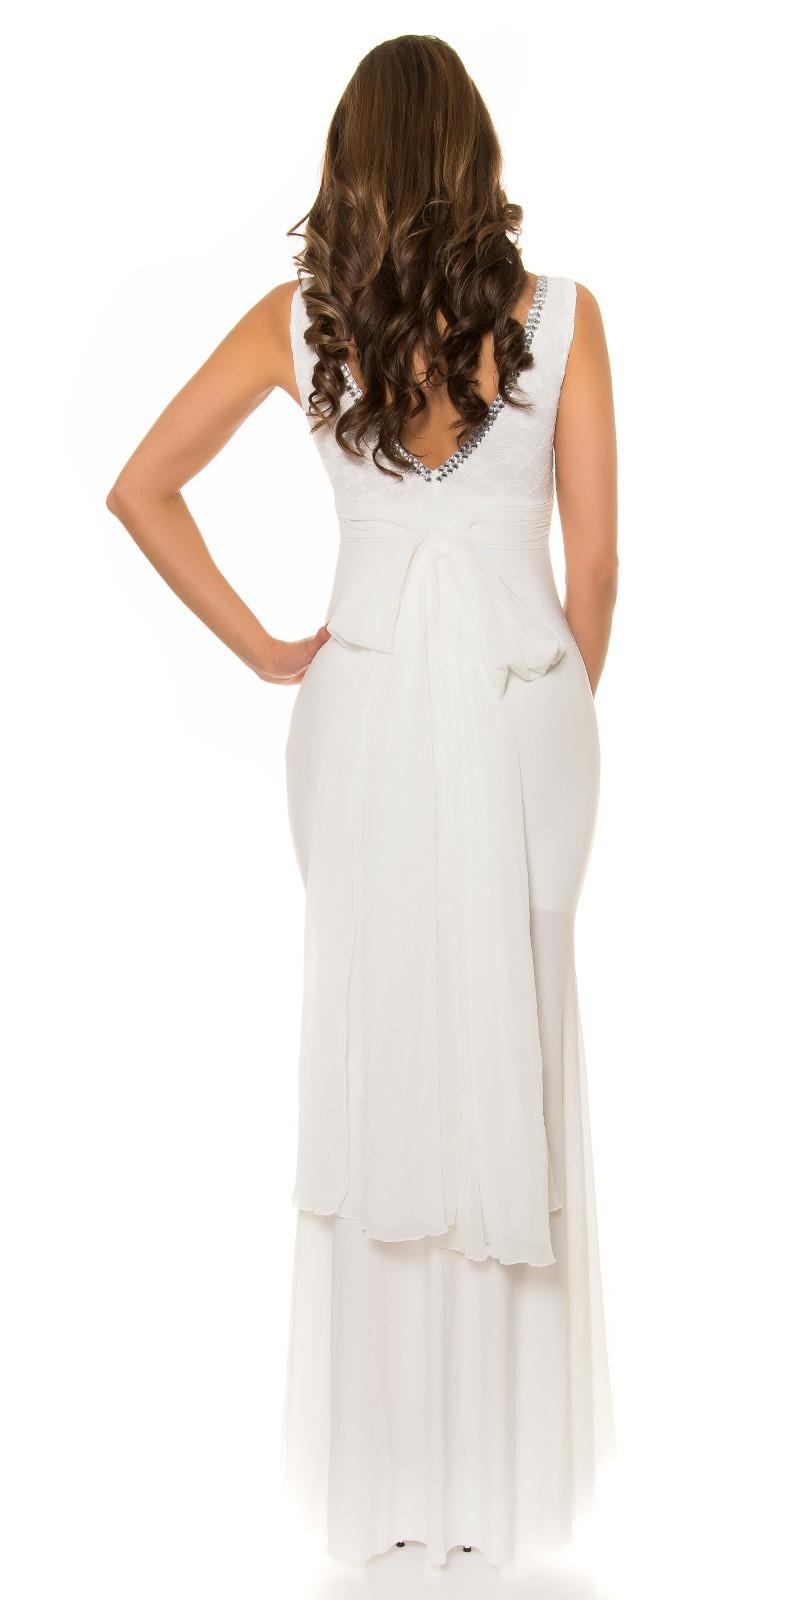 a3fddc07bc02 ... Obrázok pre Spoločenské šaty s čipkou a mašľou   biele ...